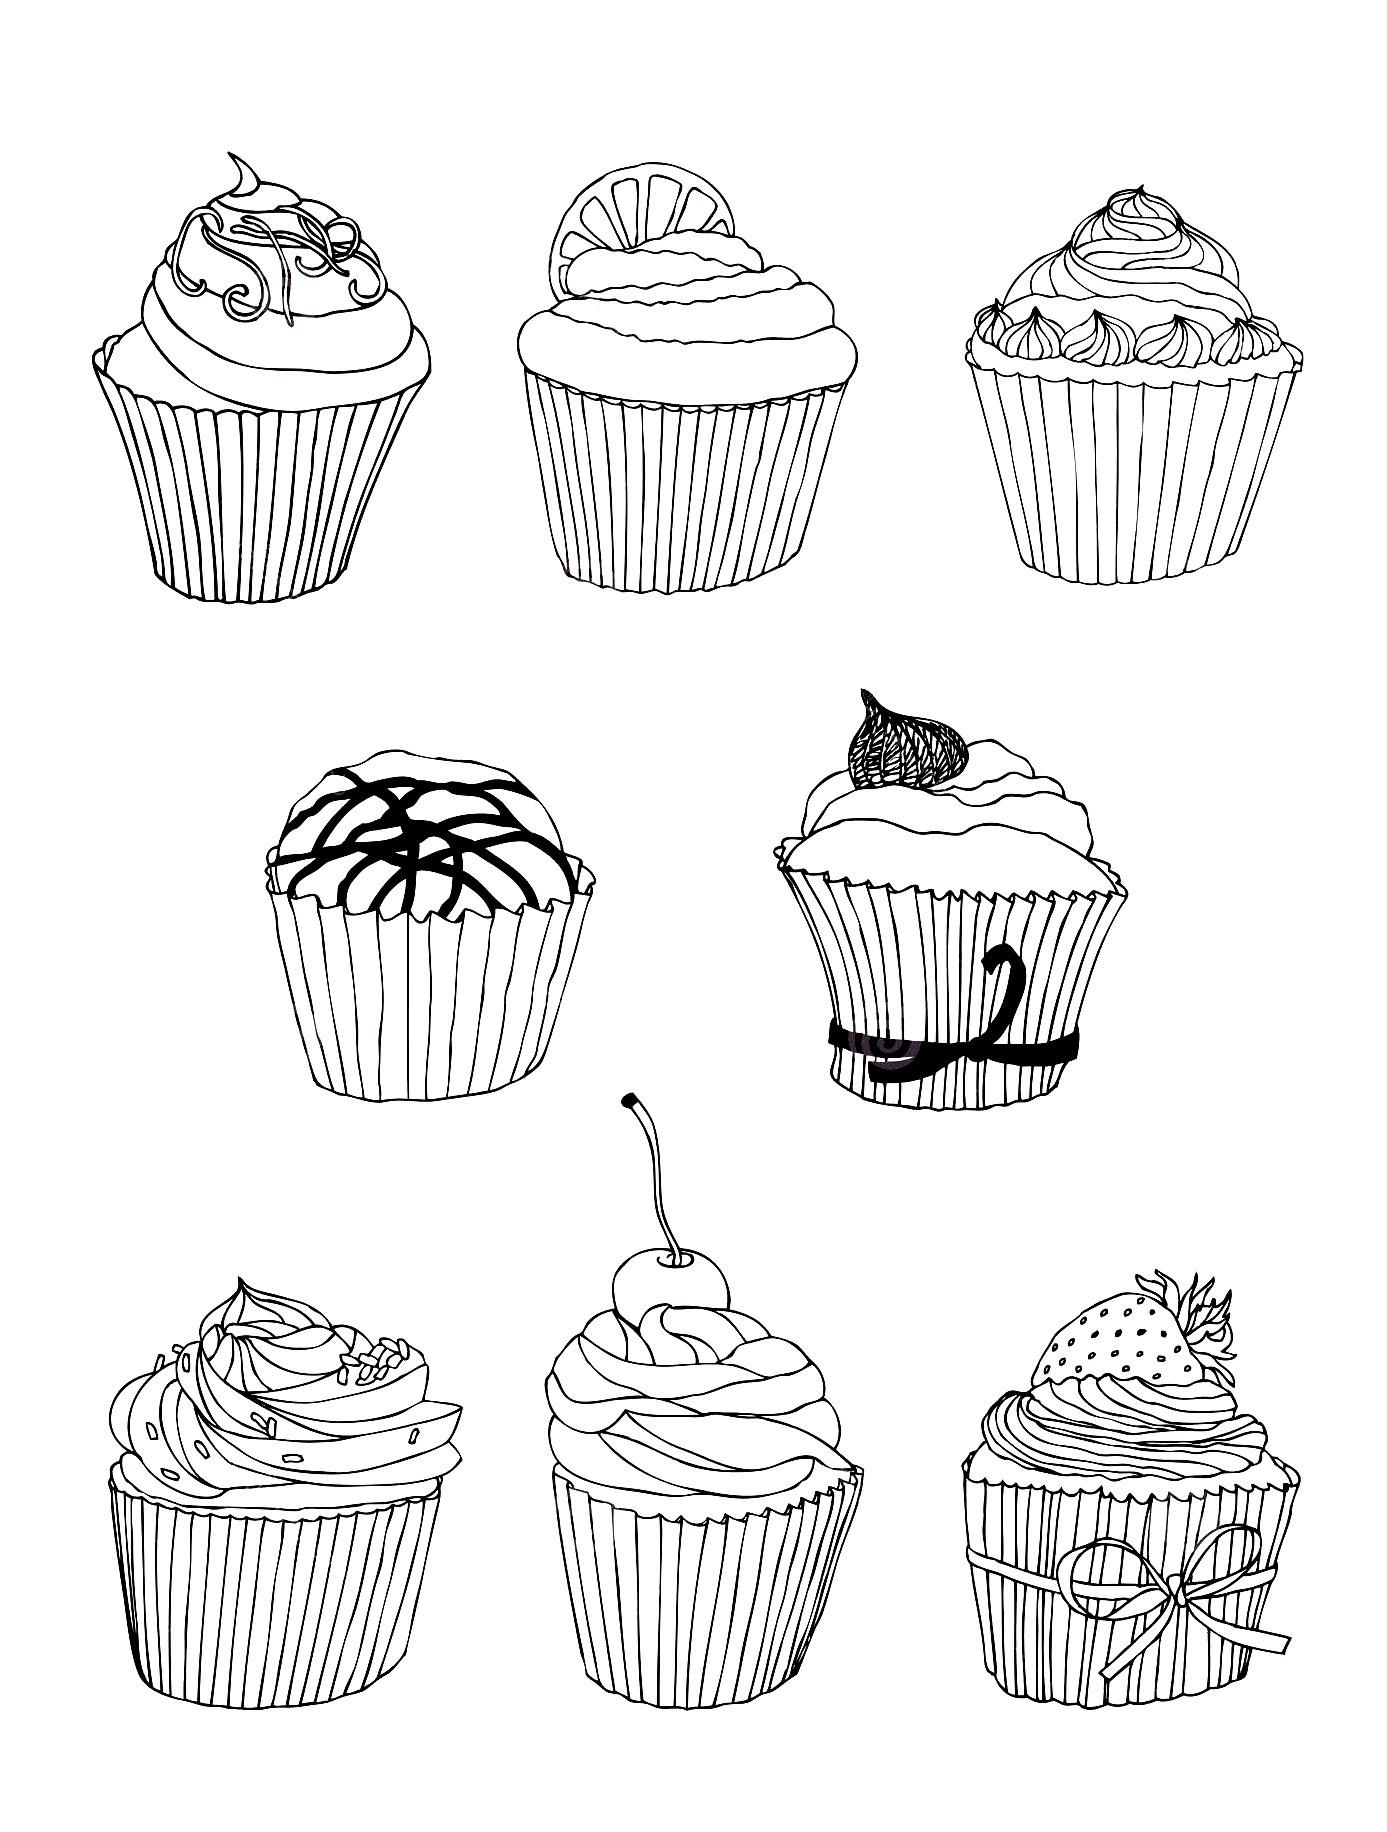 Coloriage Gateau Cake.Gratuit Cupcakes Cupcakes Et Gateaux Coloriages Difficiles Pour